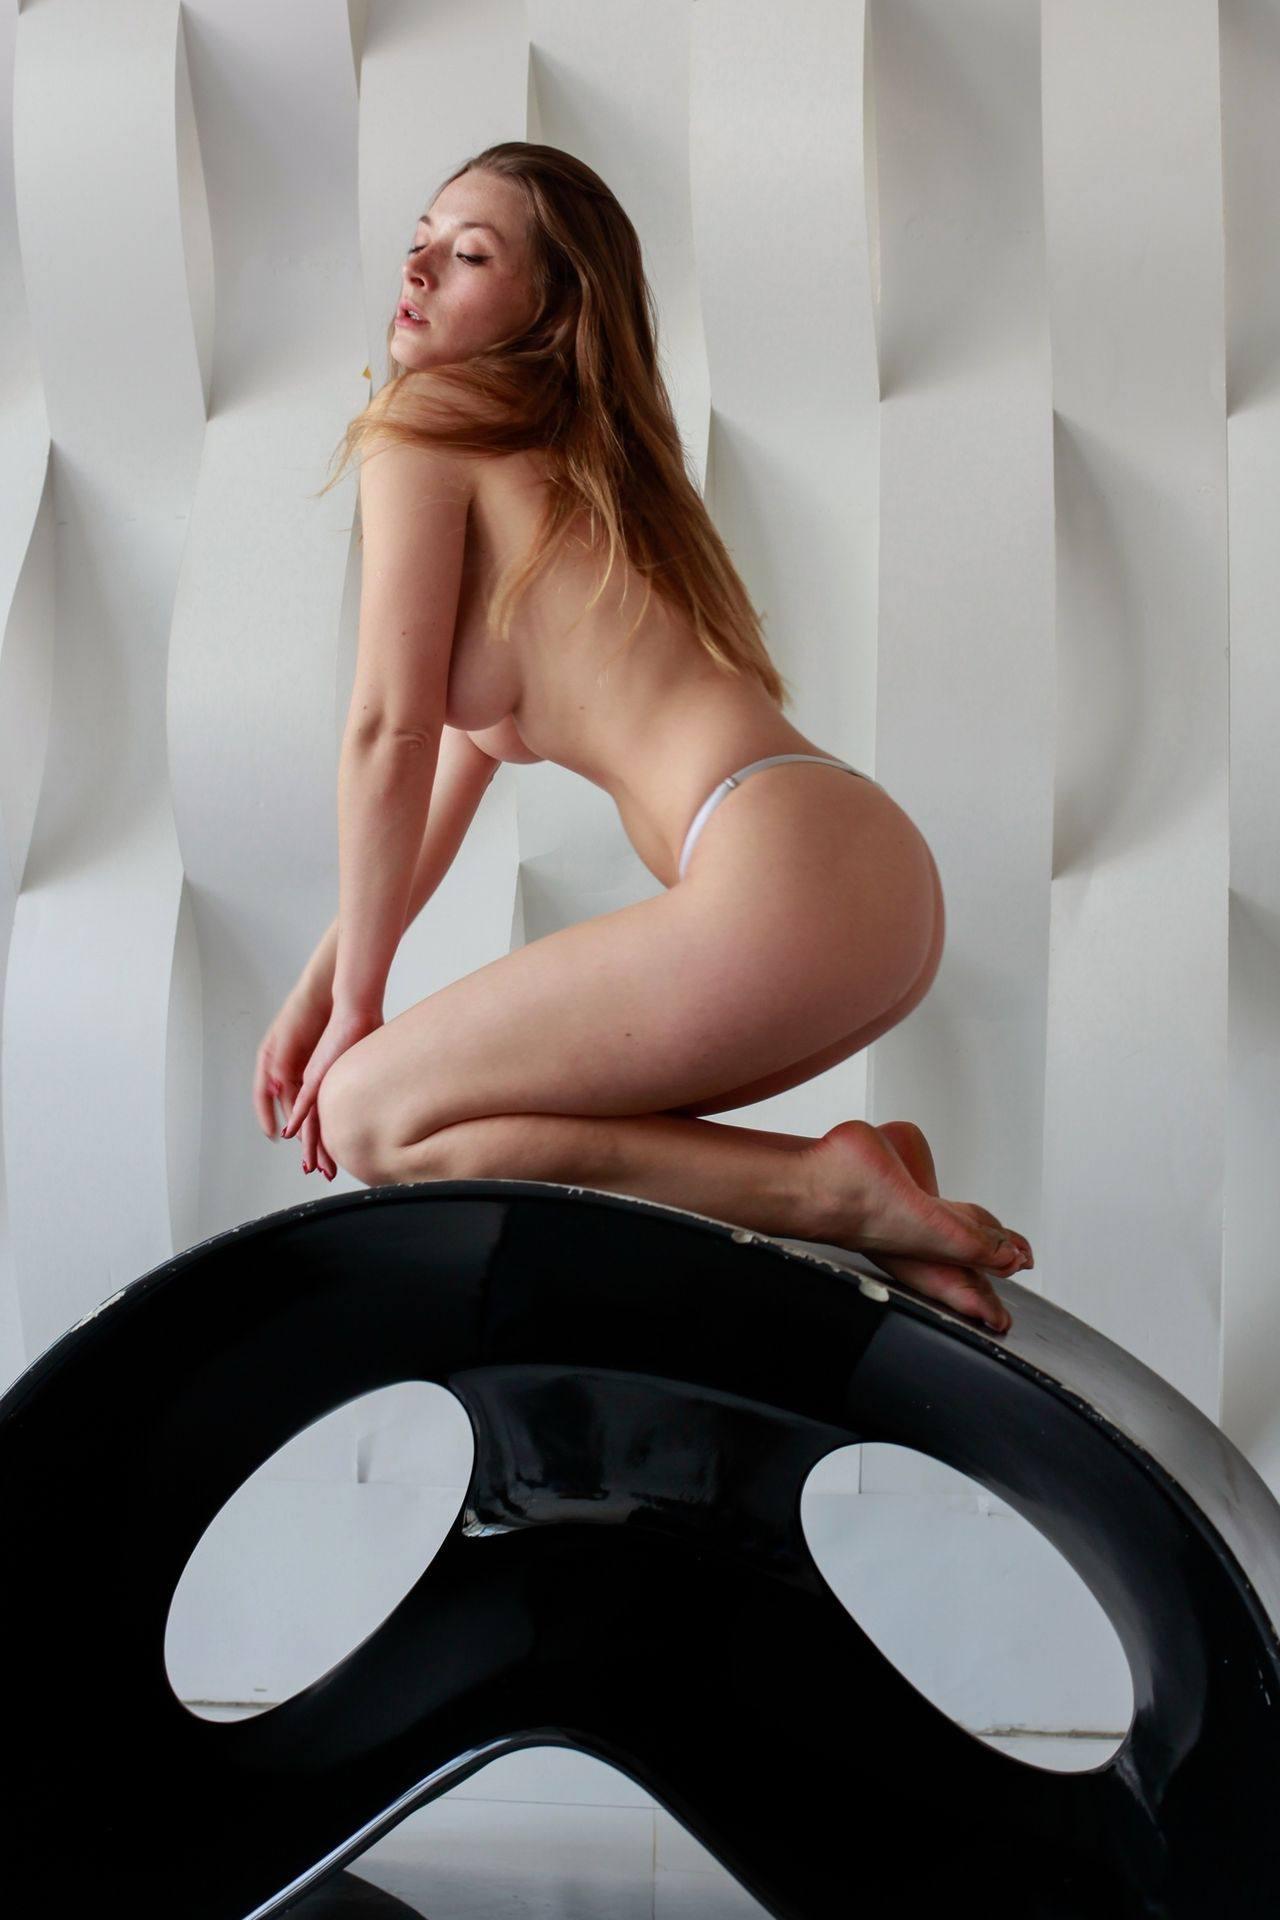 Olga Kobzar – Beautiful Boobs In Sexy Topless Photoshoot (nsfw) 0009